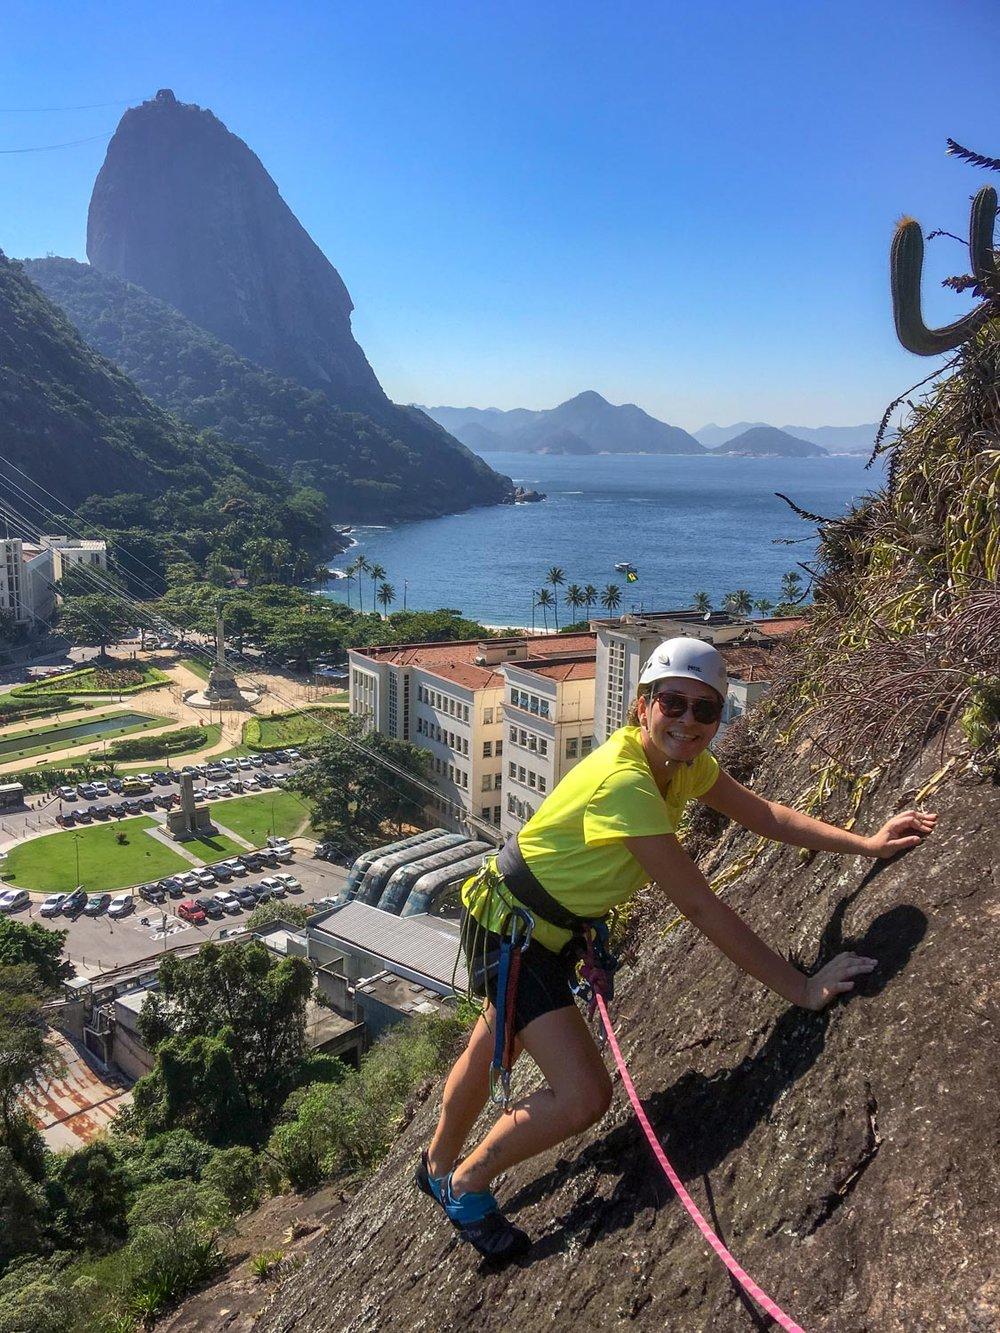 Rock climbing lesson on Morro da Babilônia, Rio de Janeiro